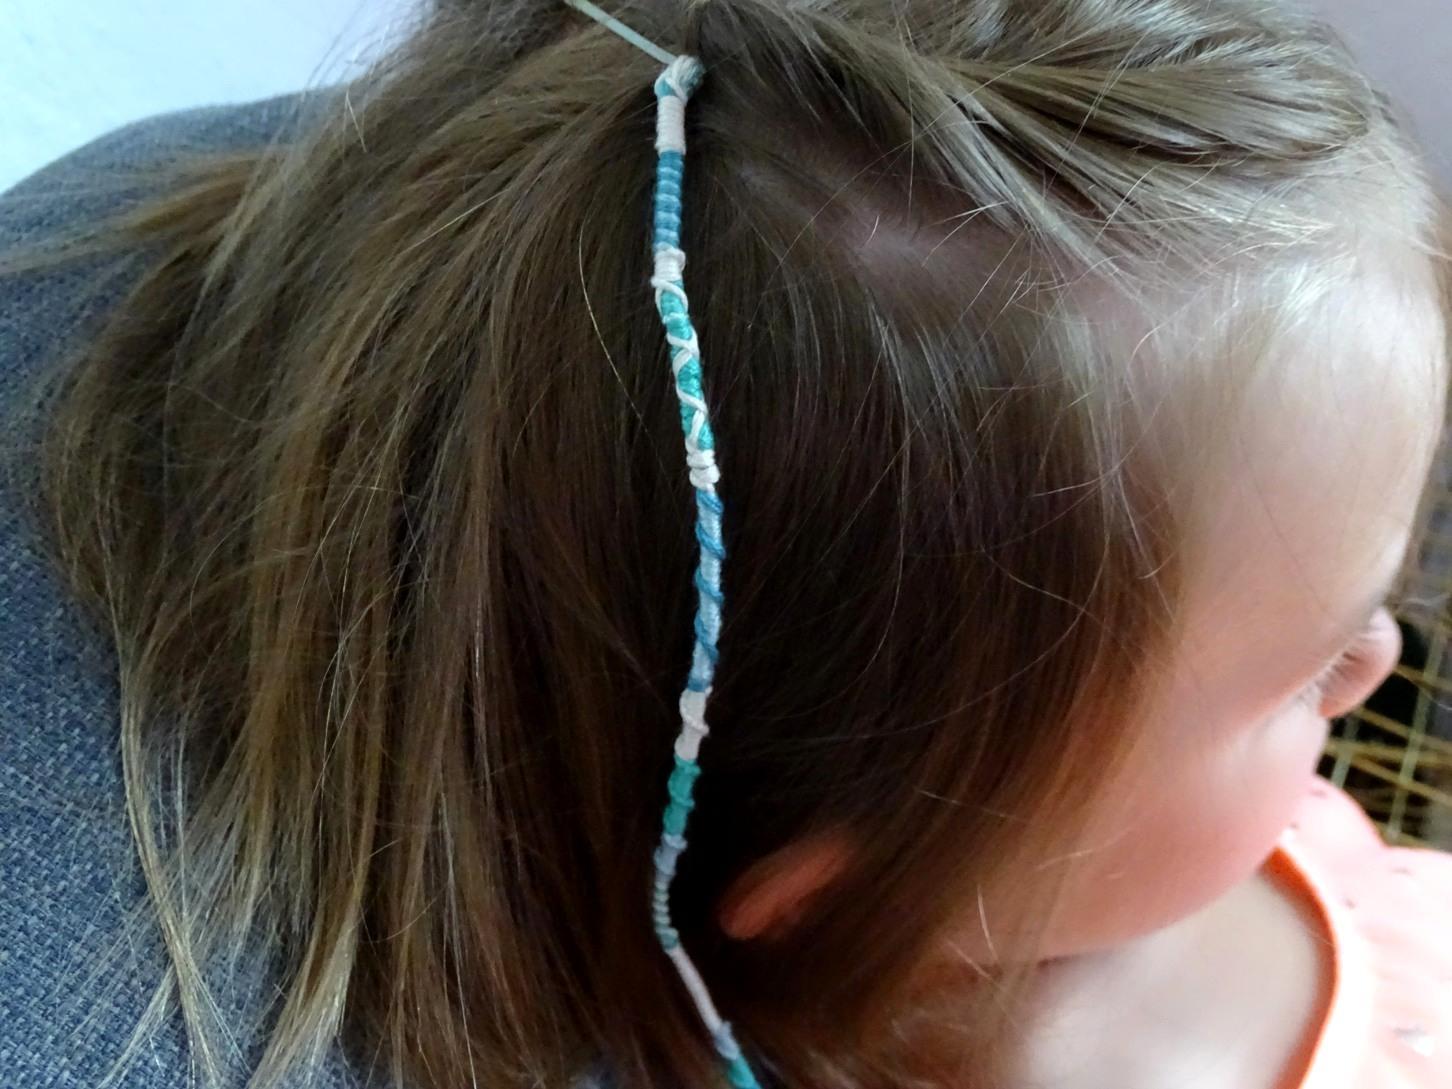 gewickeltes Freundschaftsband oder geknüpfte Haarsträhne - hier gibt es die Anleitung